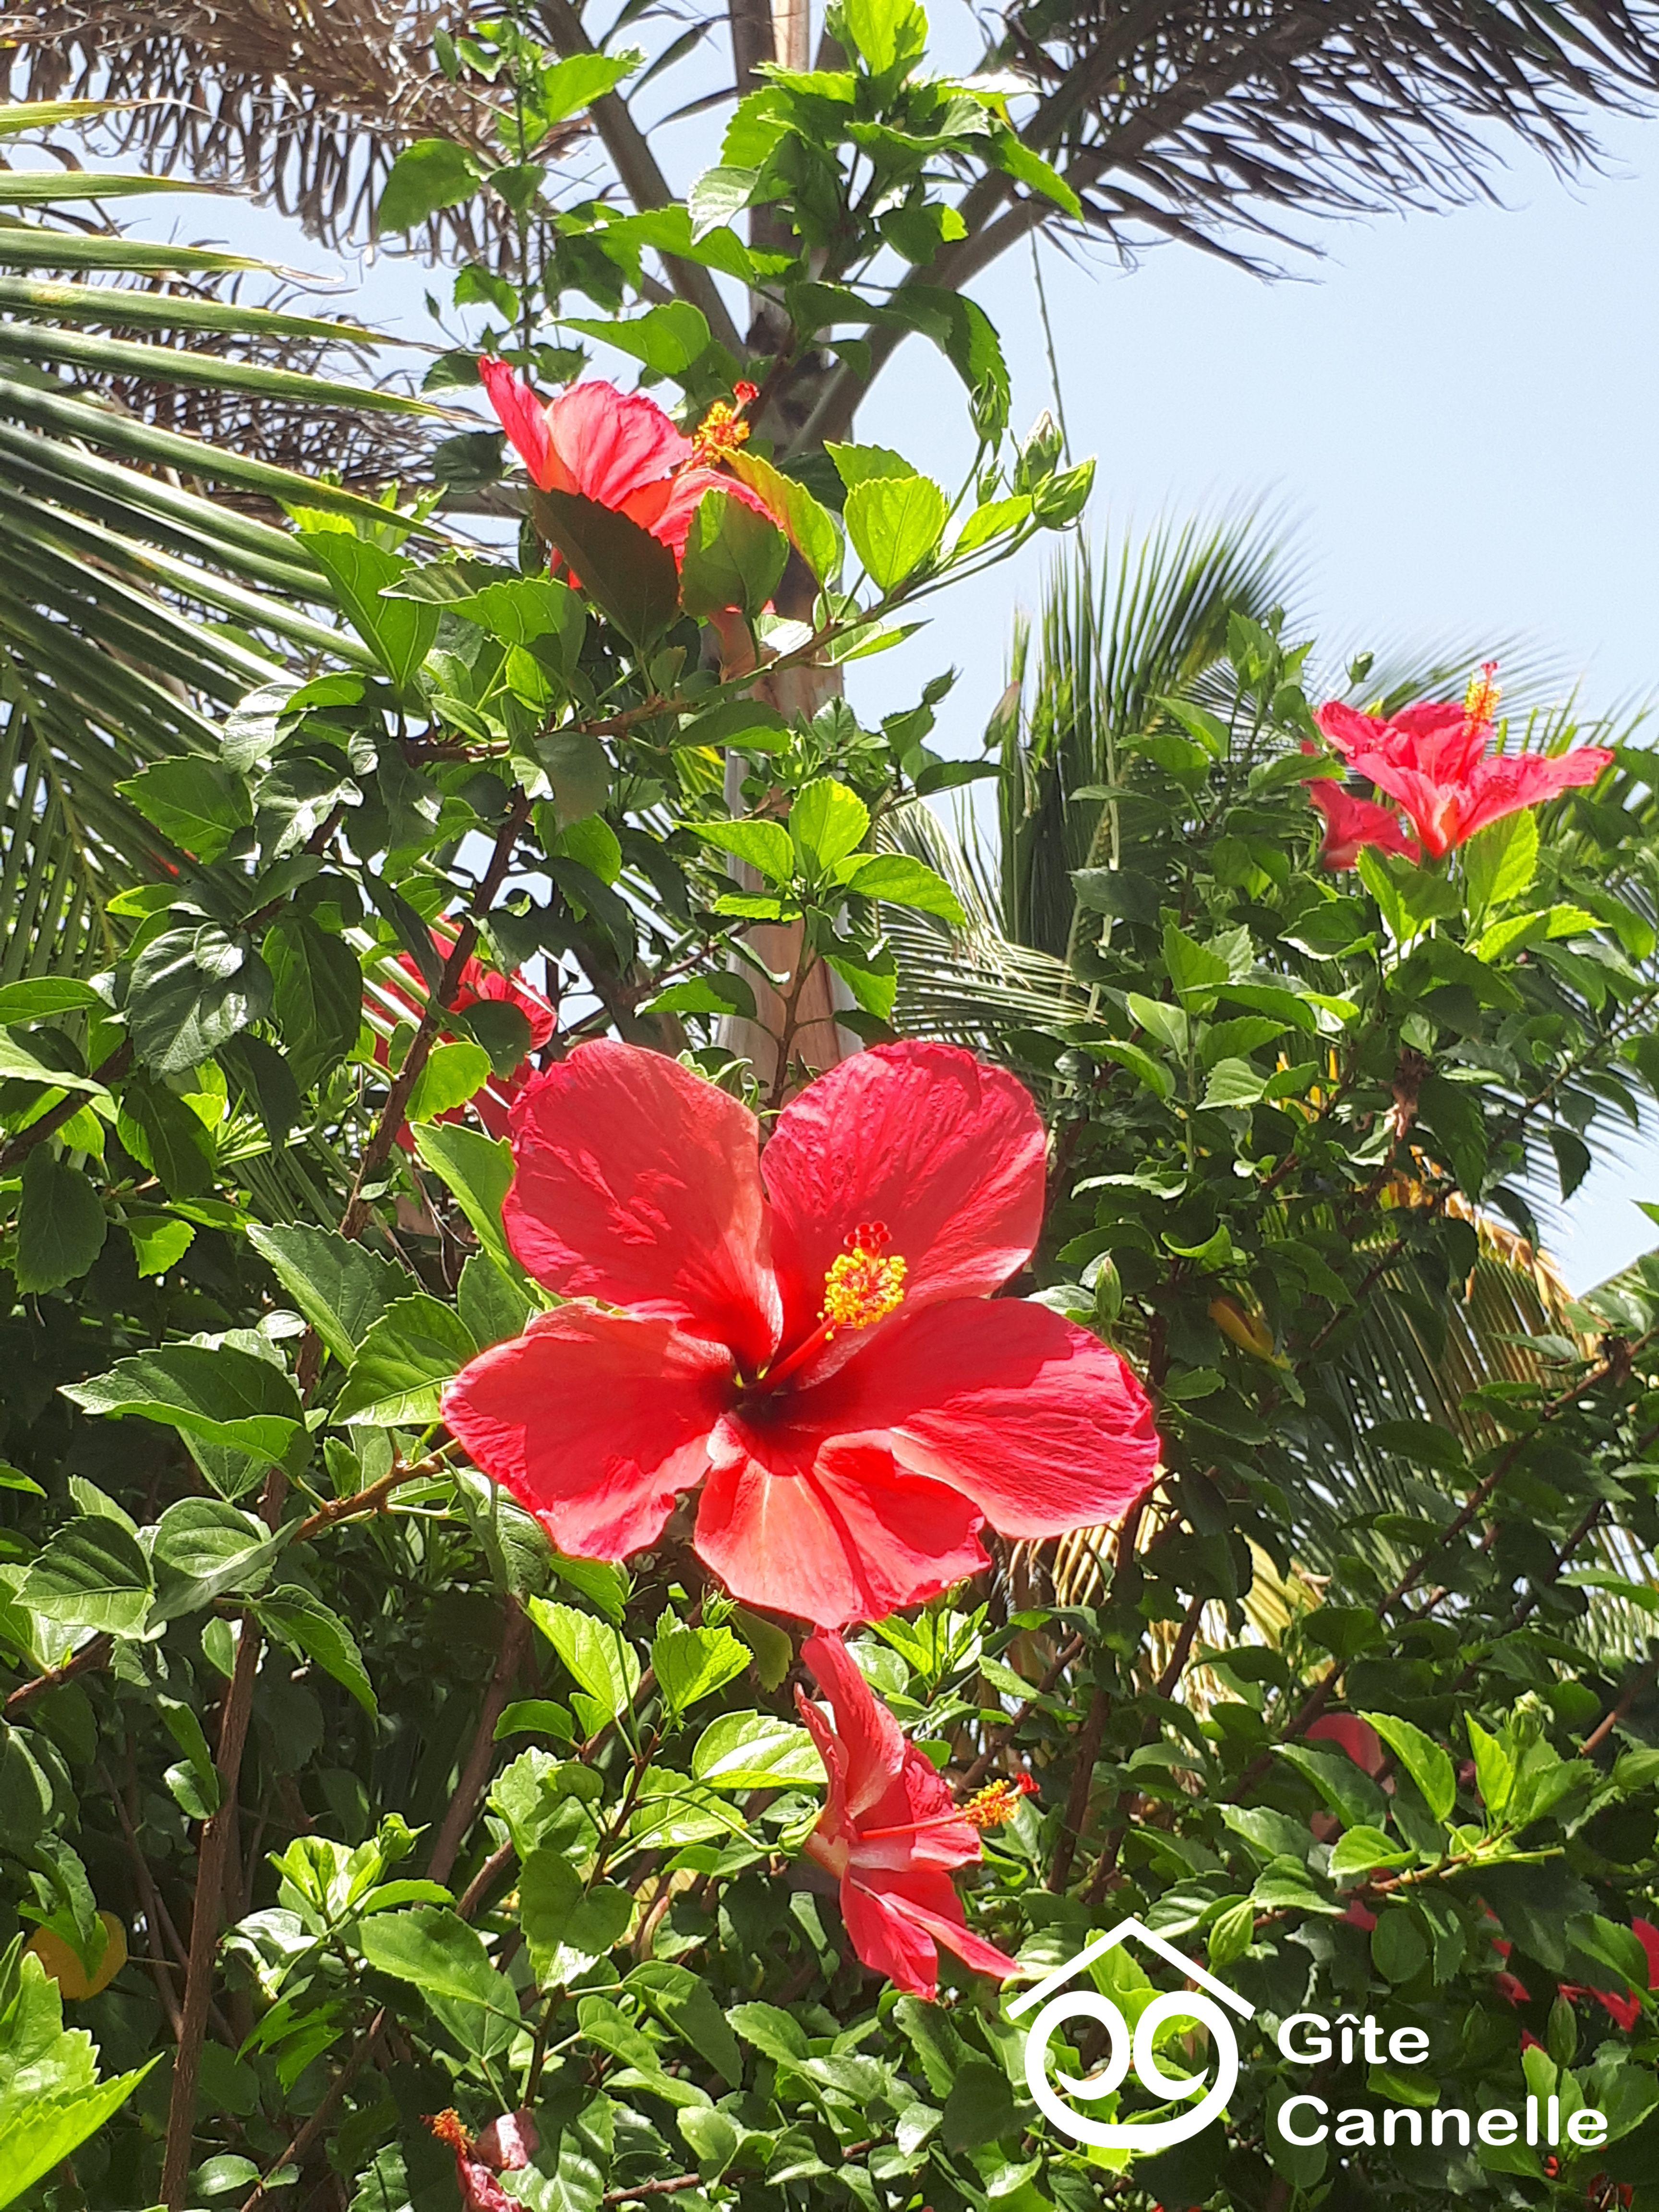 Les hibiscus du jardin du Gîte Cannelle à Saint-François en ...